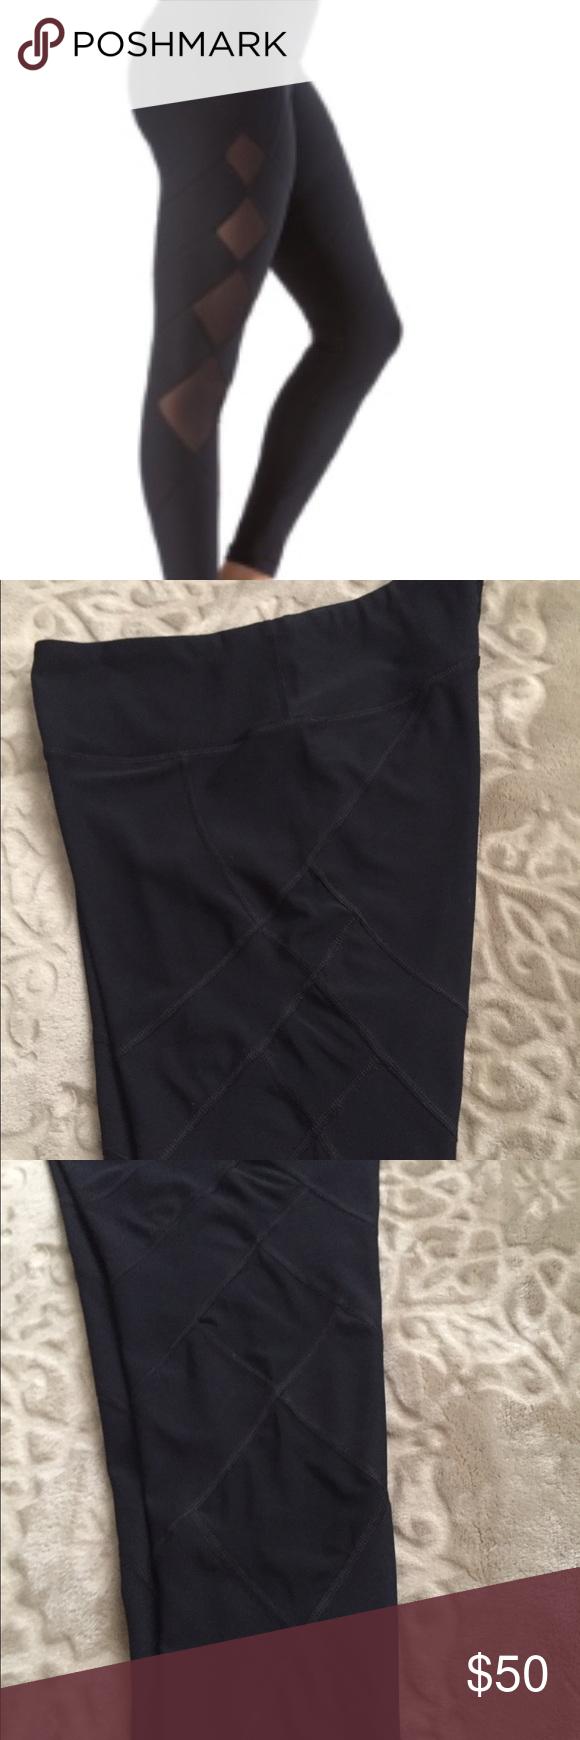 Nwot black diamond shape mesh full length leggings black diamonds